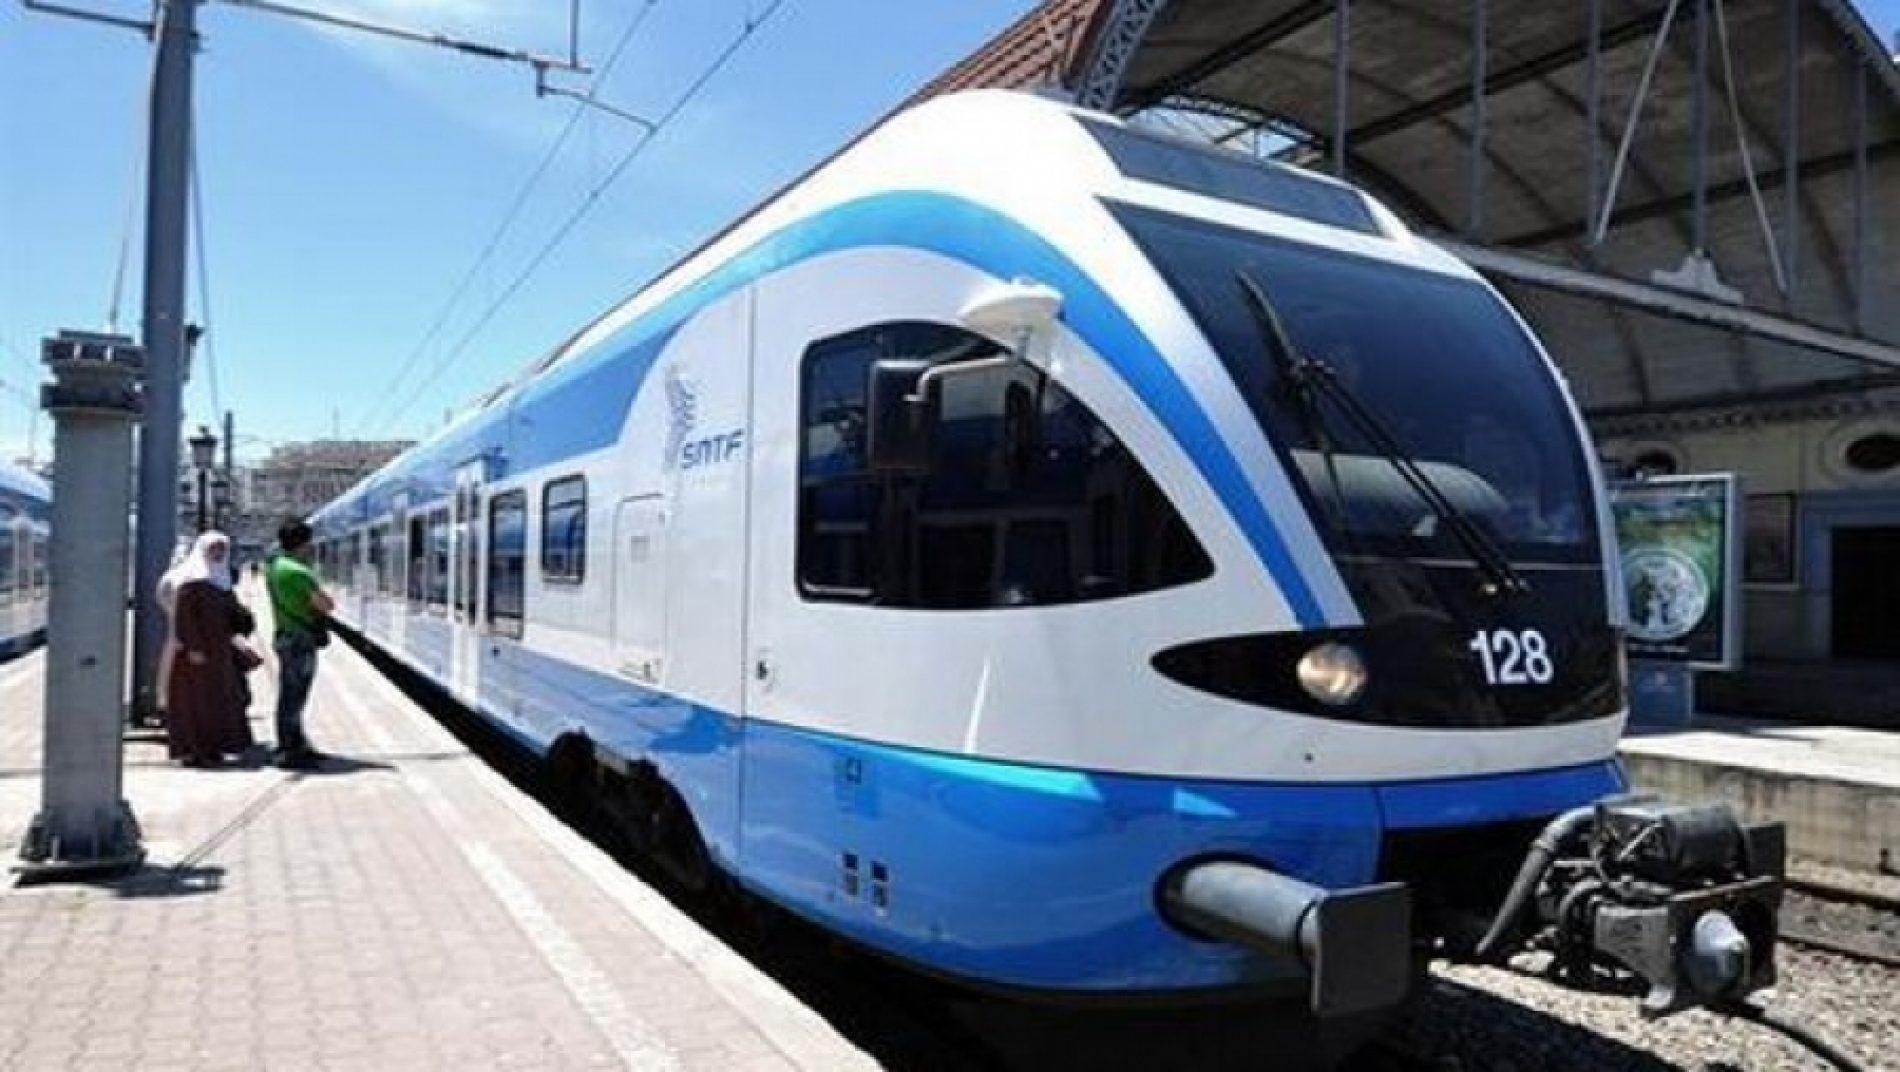 Transport ferroviaire: un nouveau train pour la ligne Alger-Béjaïa à partir du 3 juillet